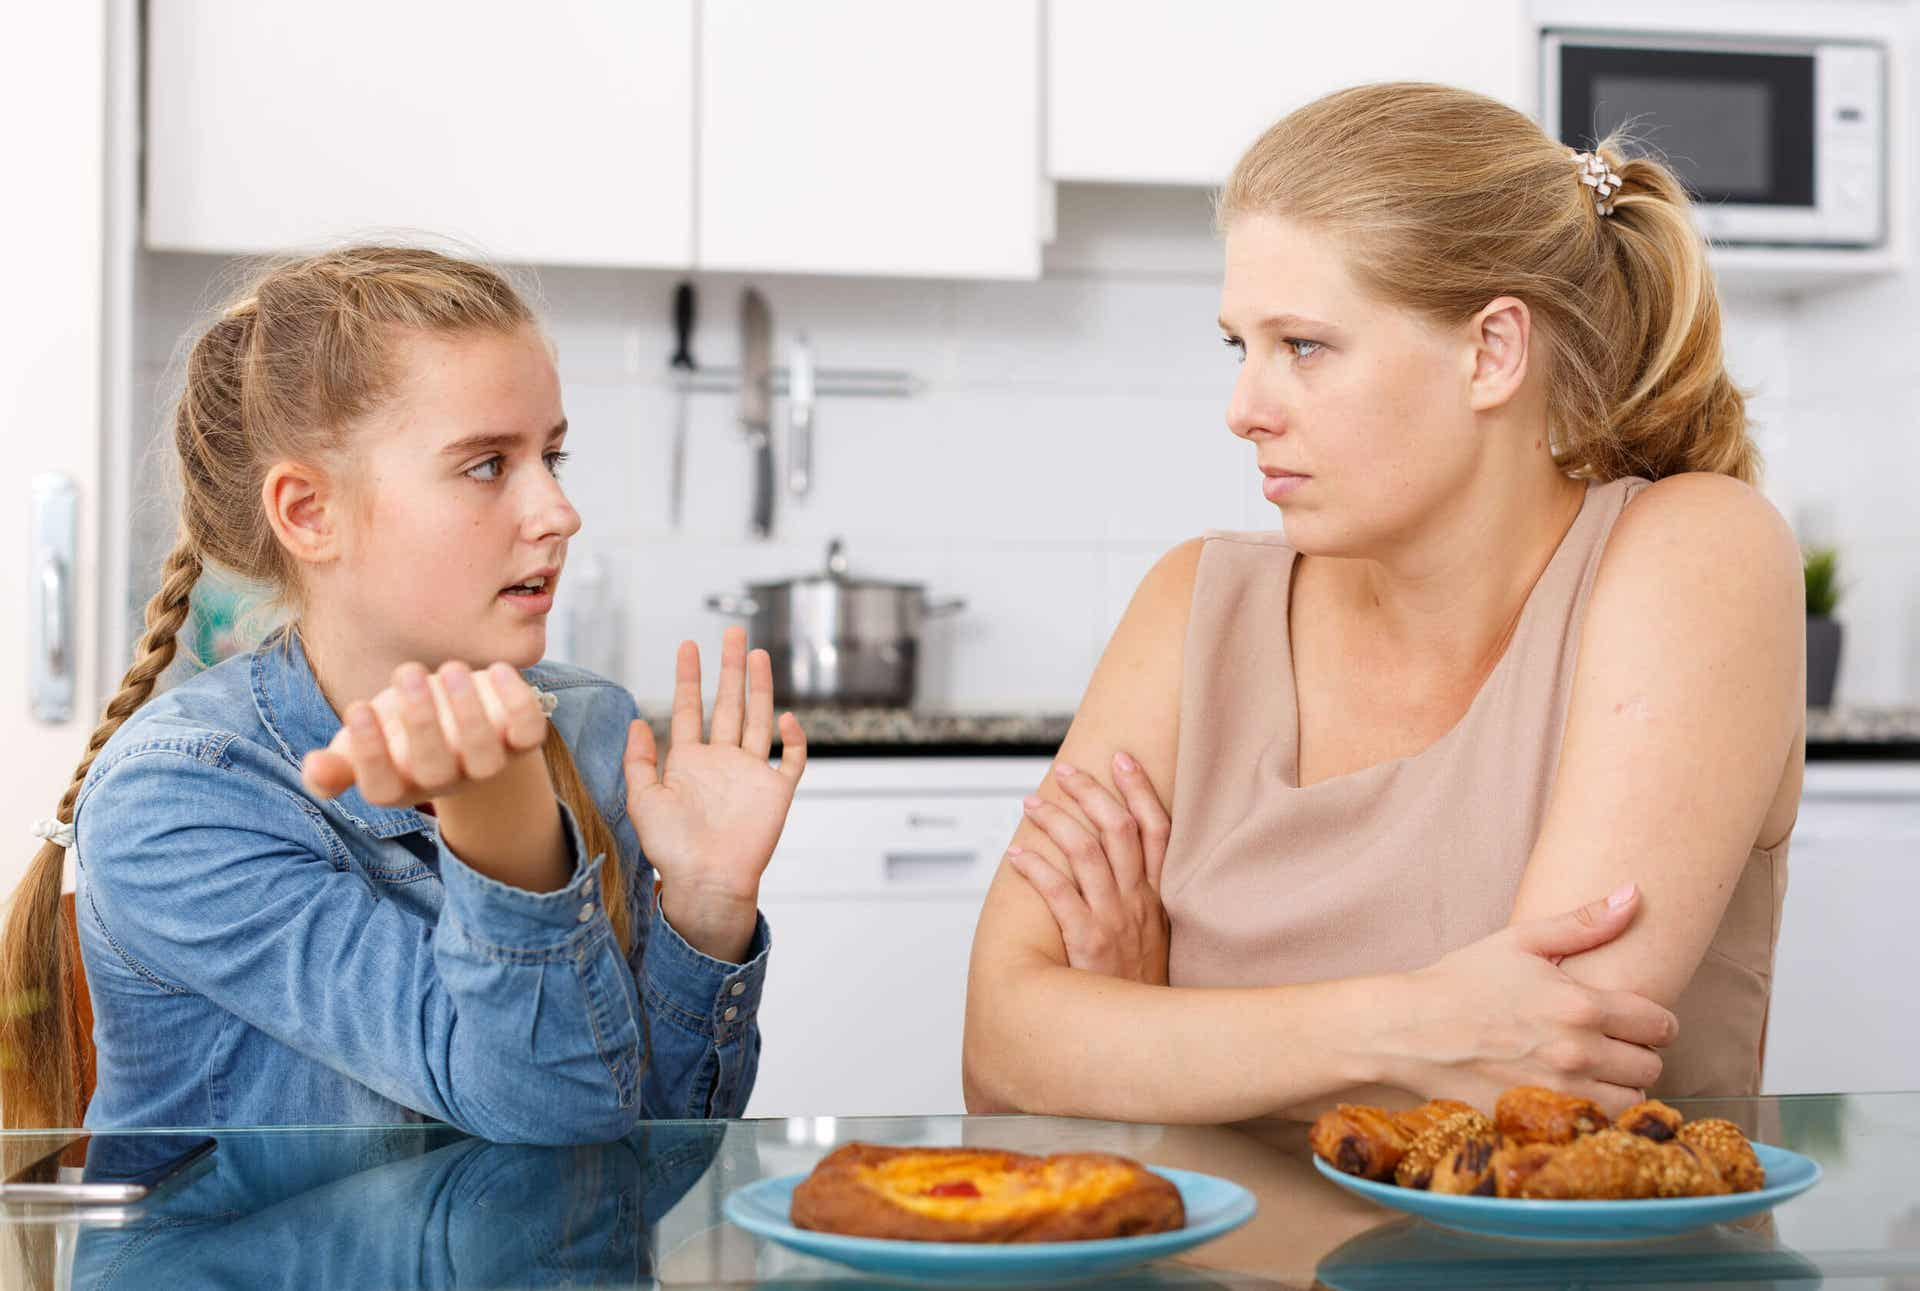 Een tienermeisje dat met haar moeder praat.